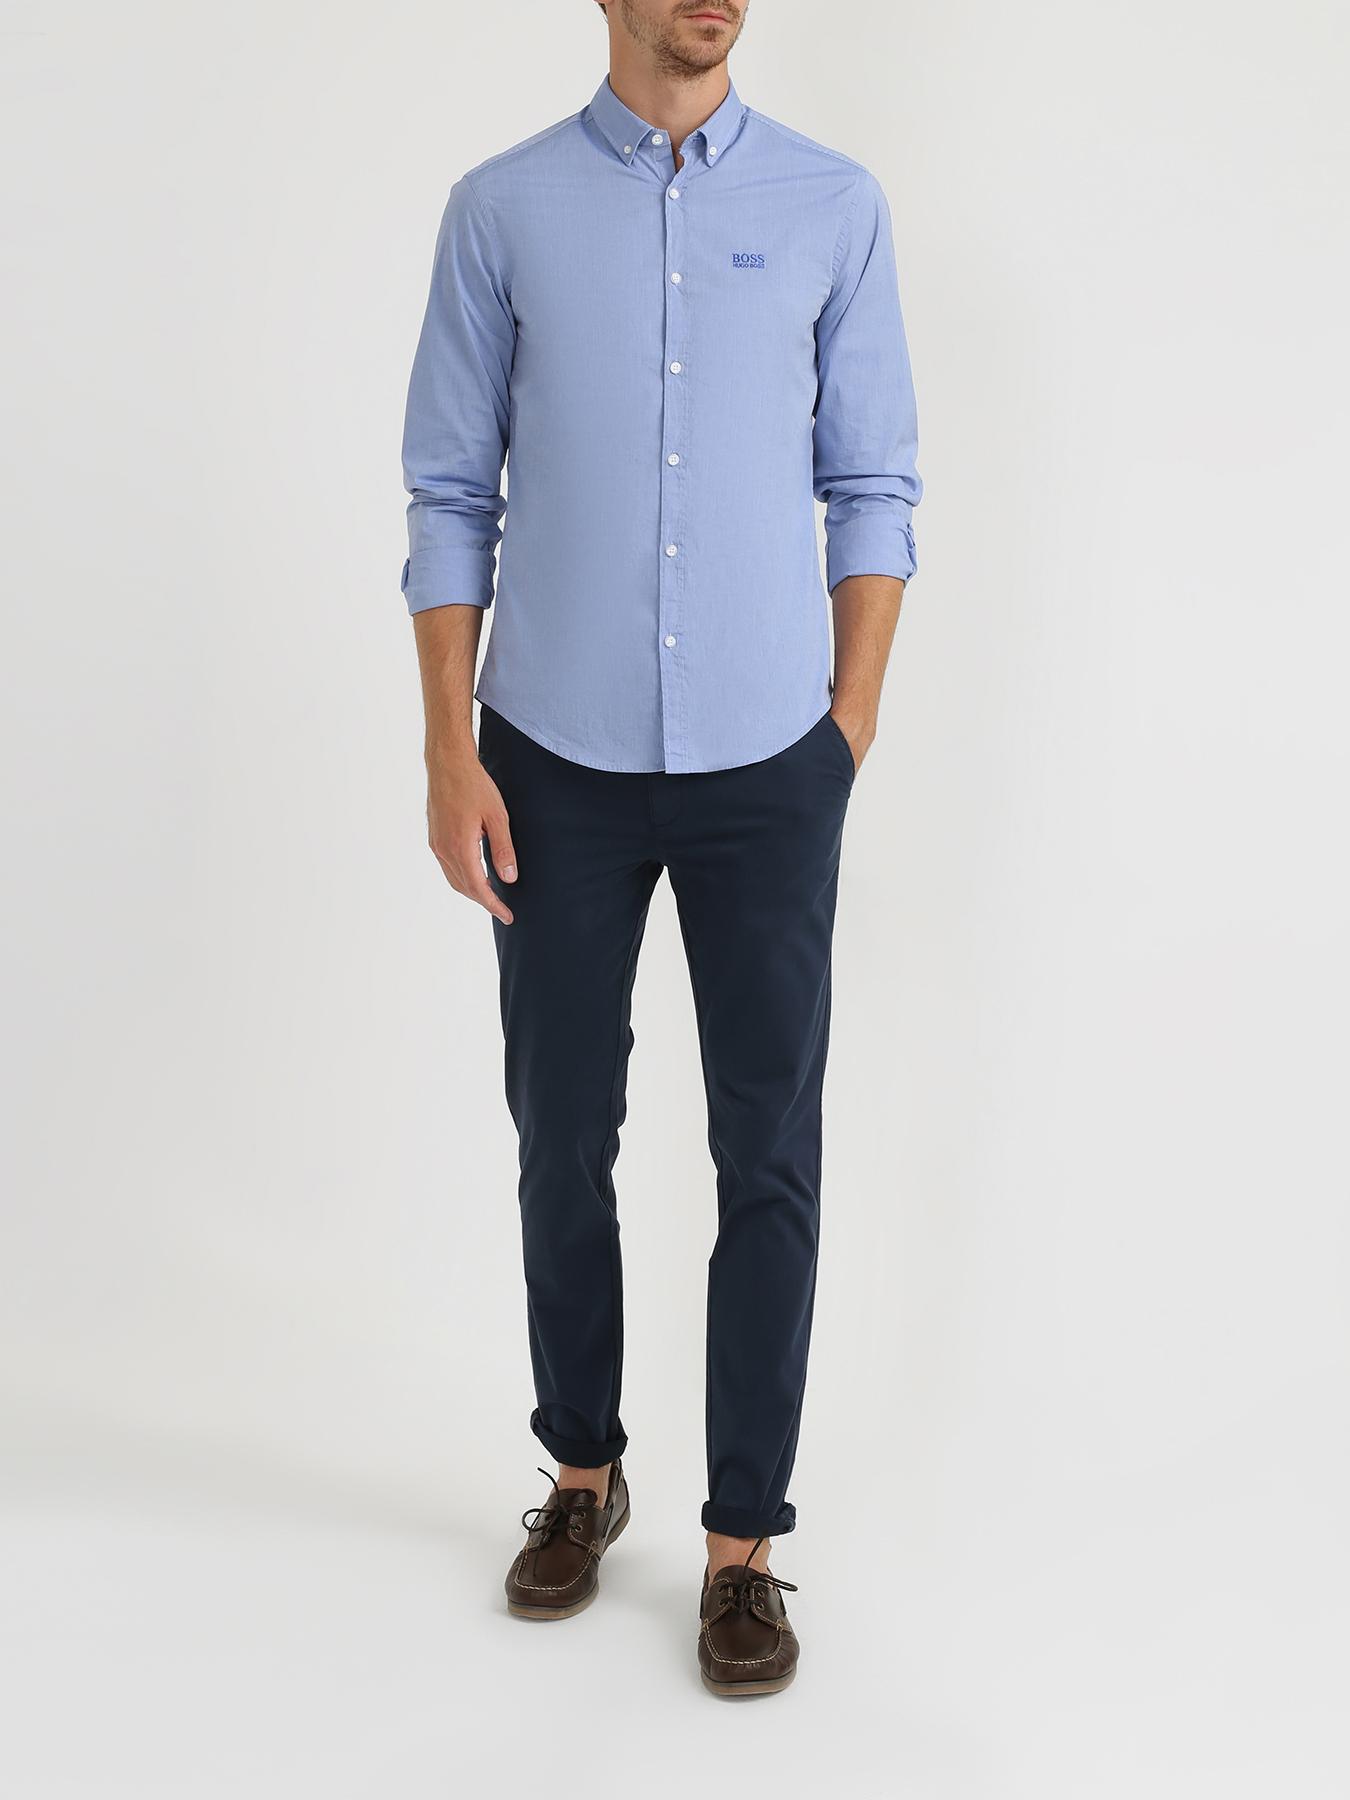 Рубашка BOSS Рубашка с длинным рукавом Biado рубашка с длинным рукавом для деловых людей весенняя осень твердый цвет silm fit